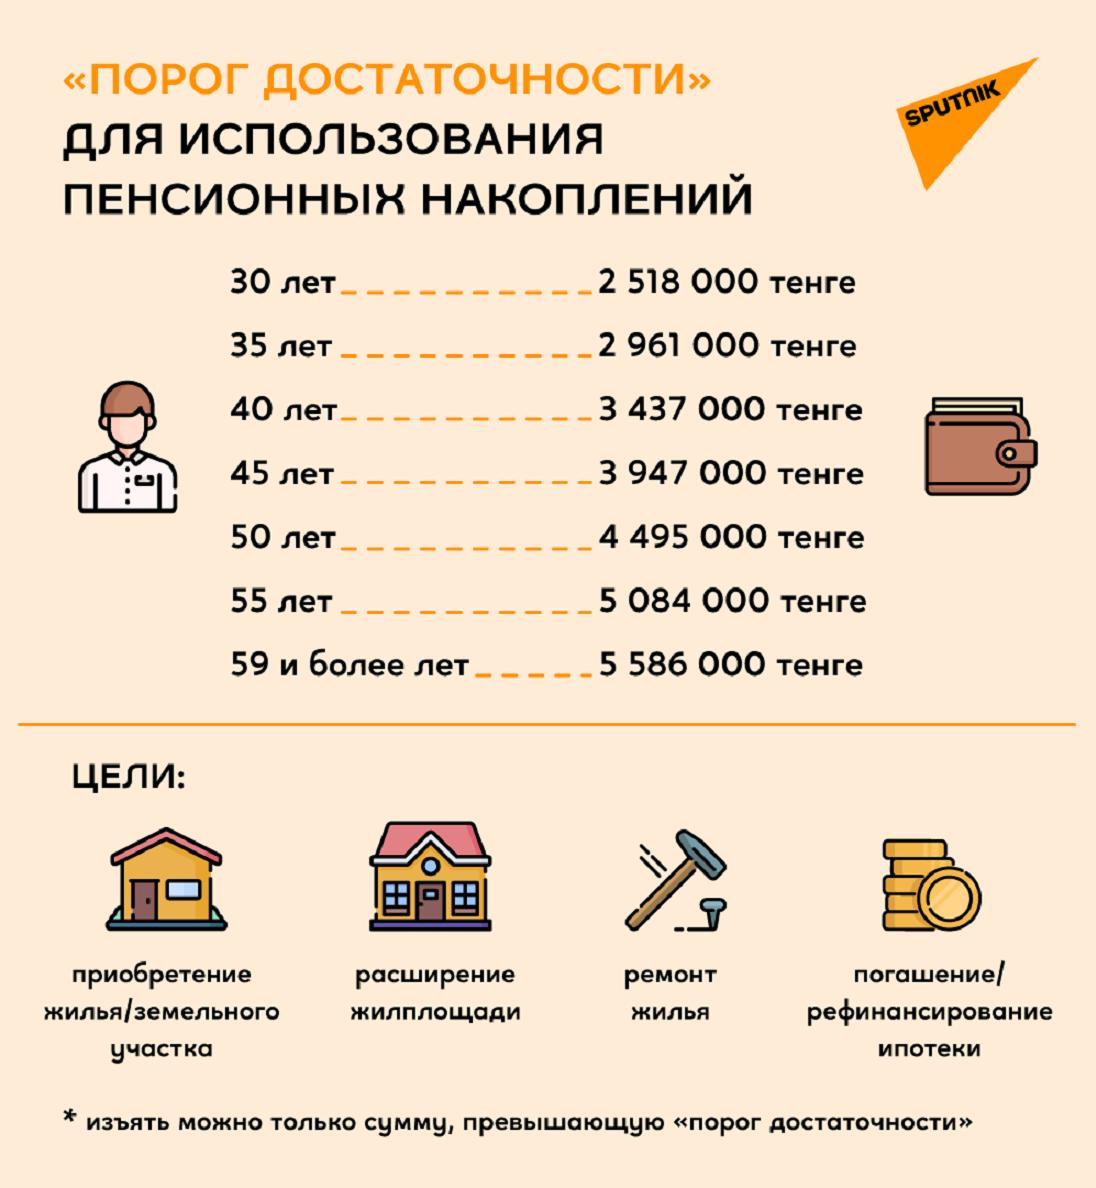 Пенсионные накопления как получить до пенсии льготы предпенсионного возраста в липецке